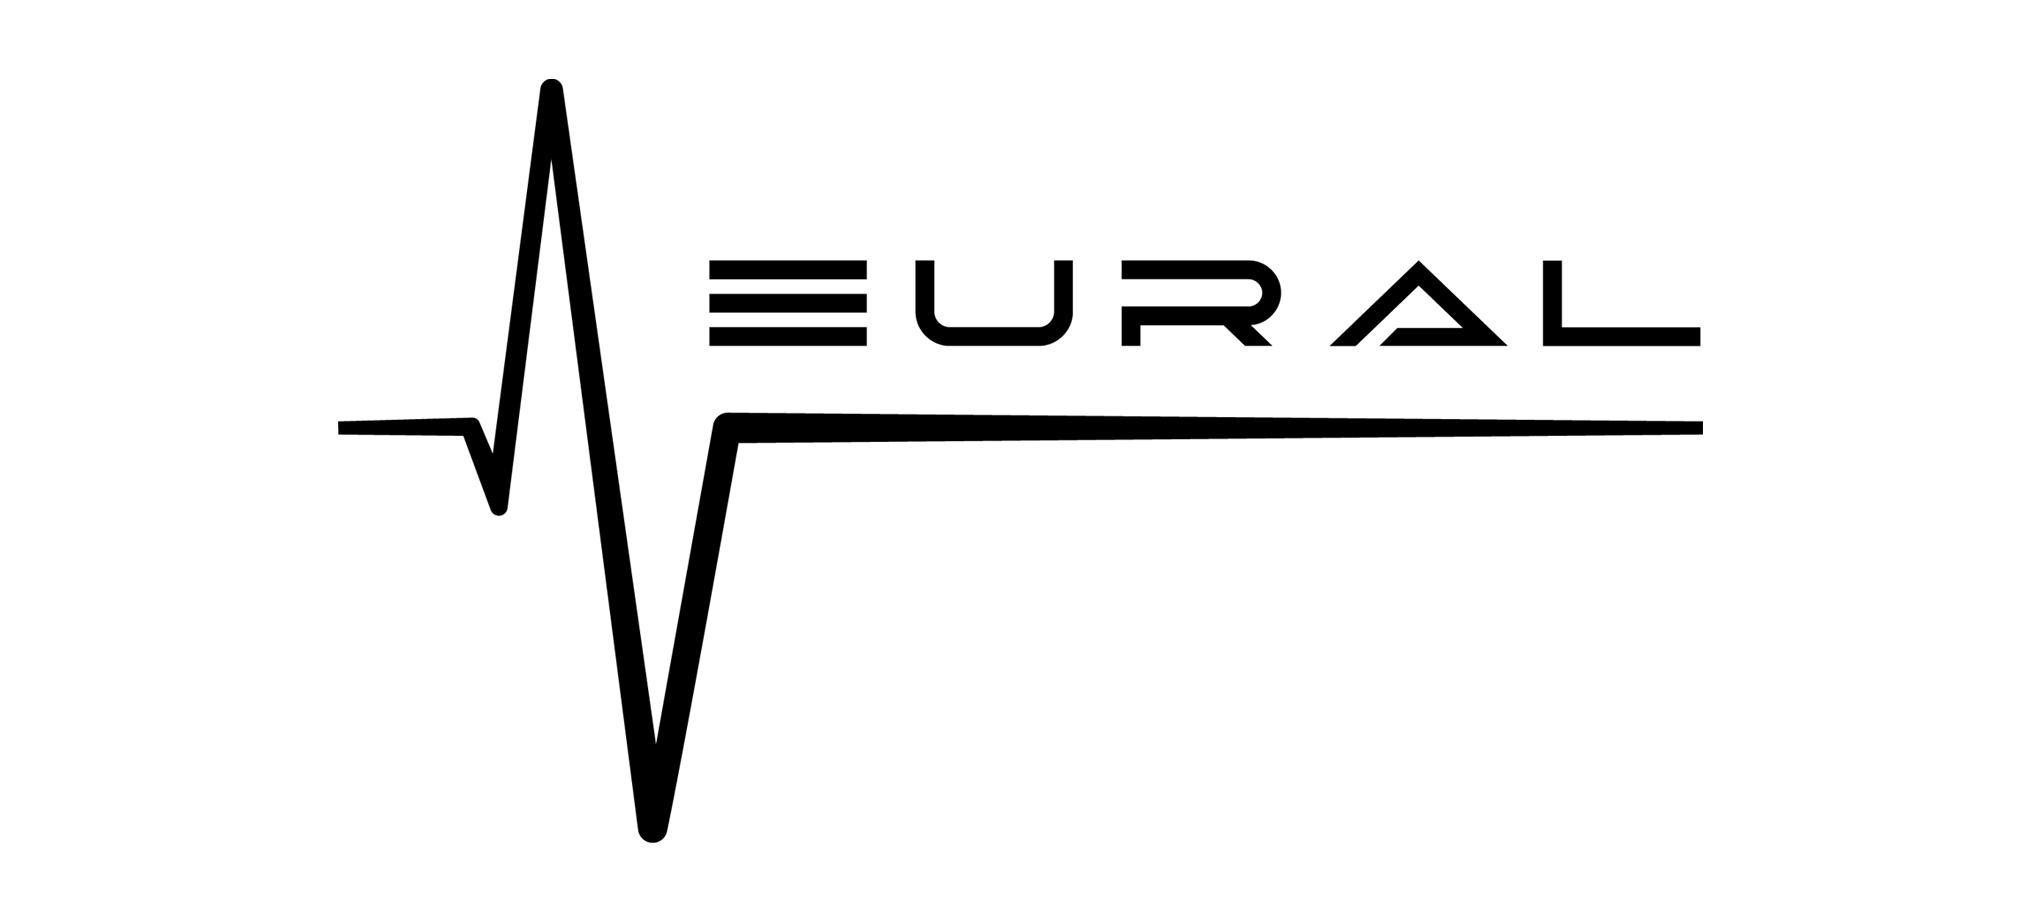 Neural DSP ハードウェア製品の代理店業務開始